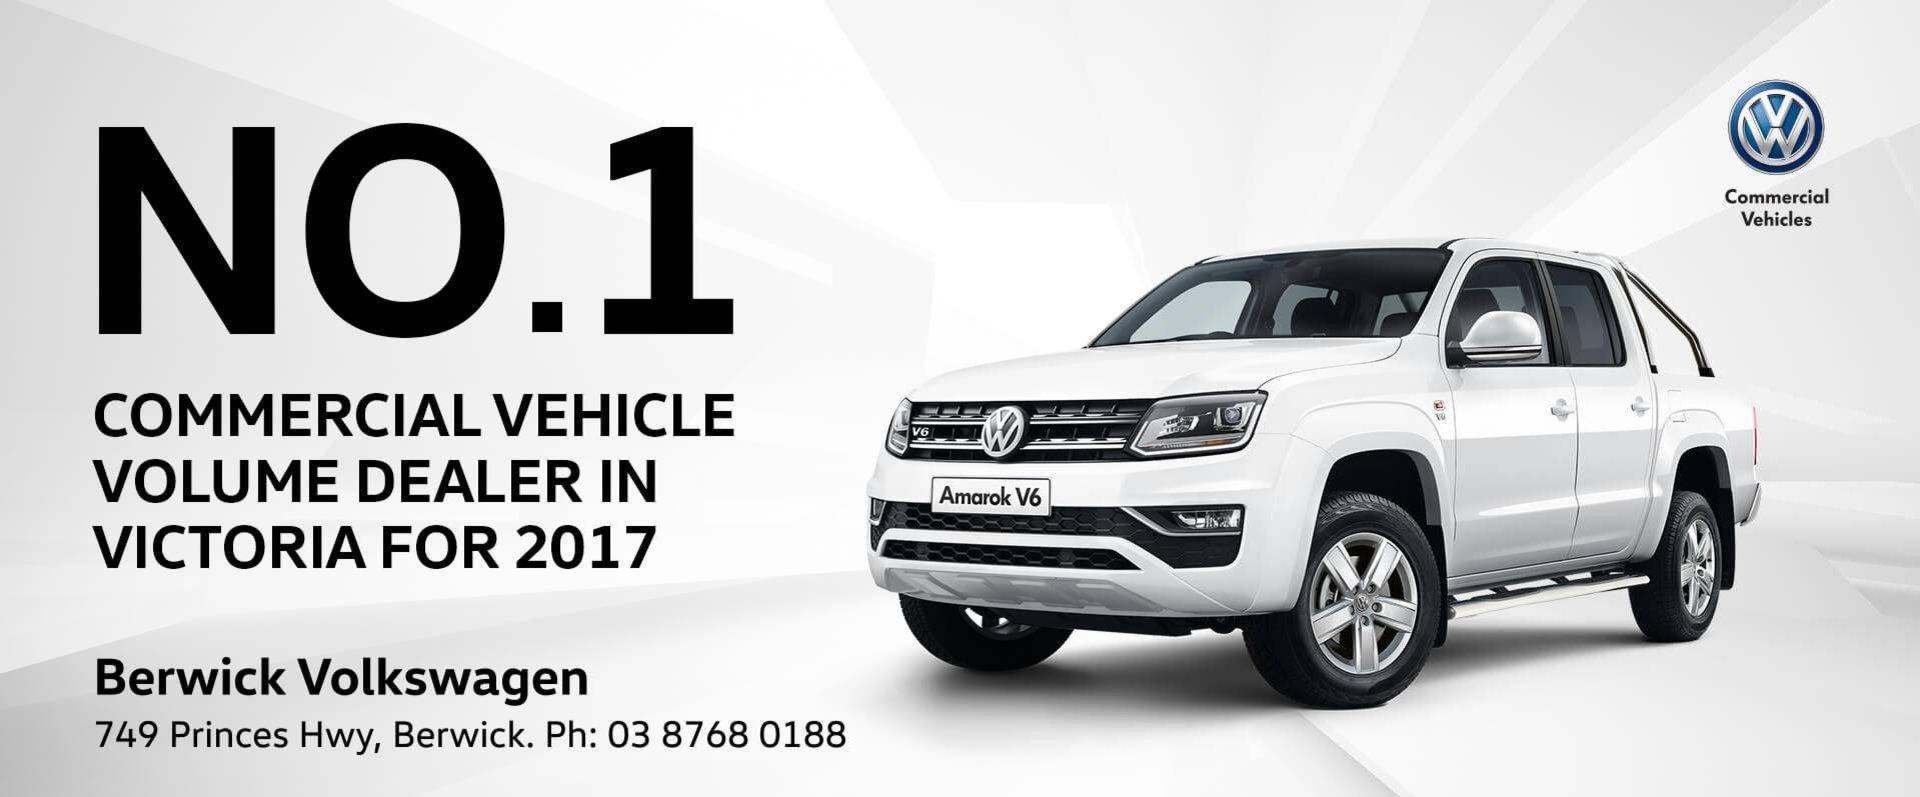 Berwick Volkswagen No.1 Commercial Vehicle Dealer in Victoria 2017